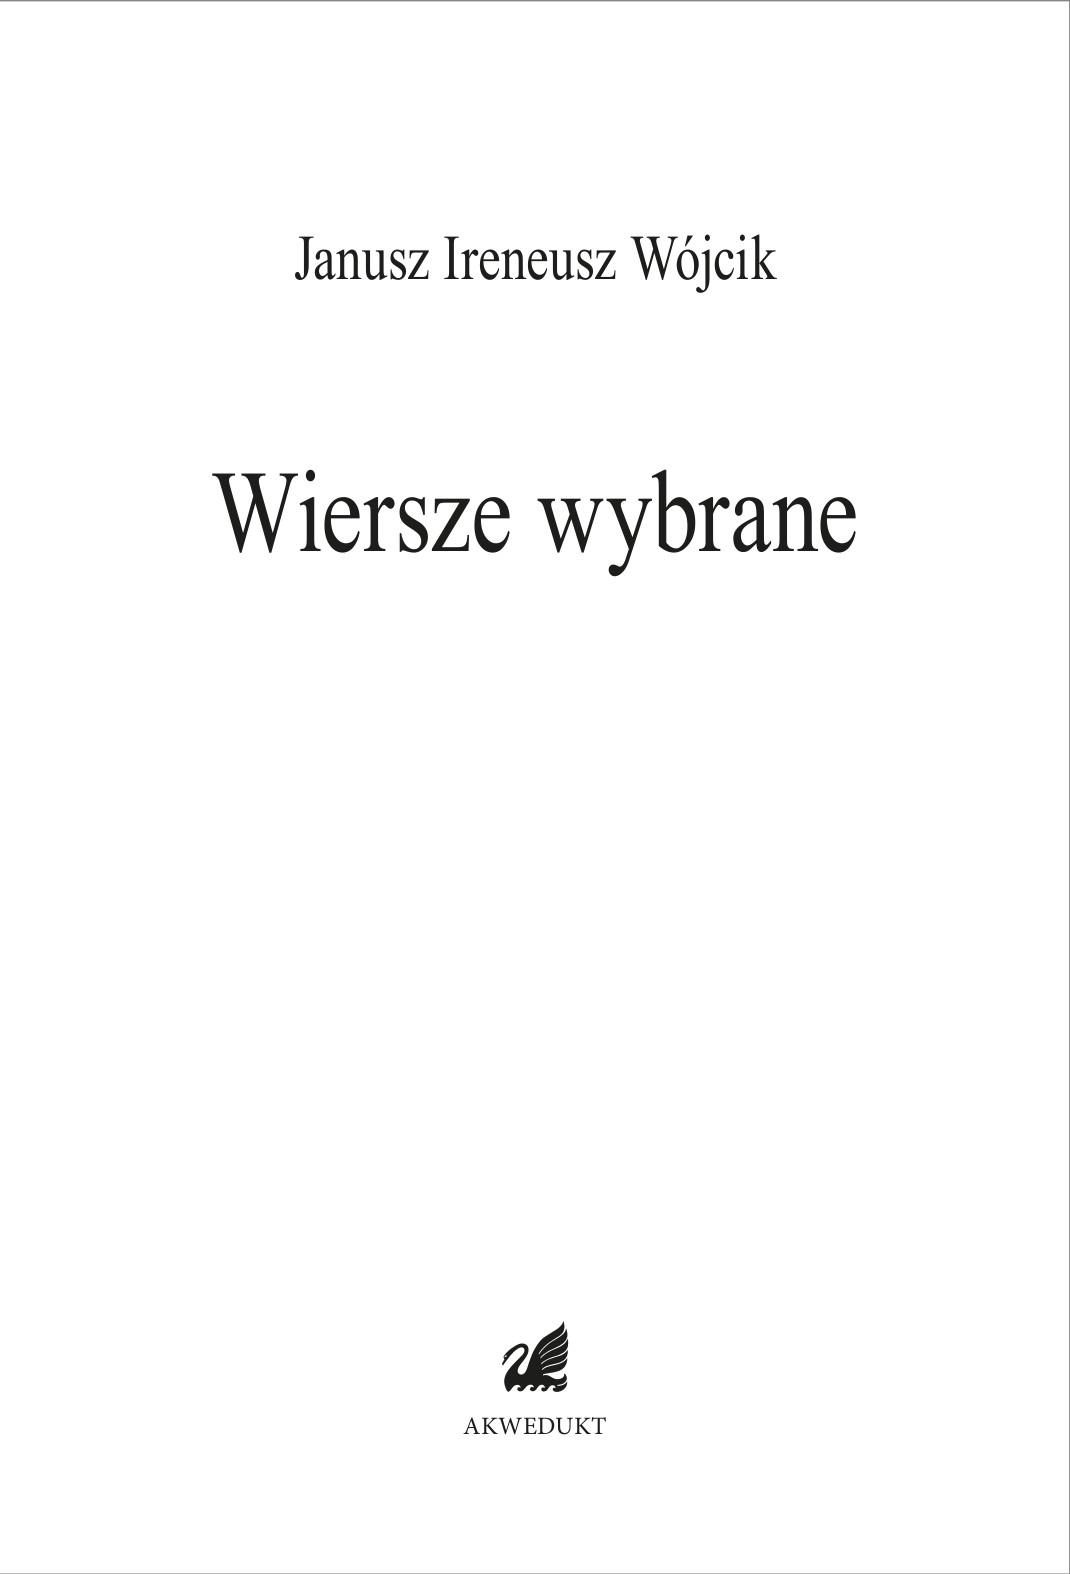 Janusz Ireneusz Wójcik – Wiersze wybrane